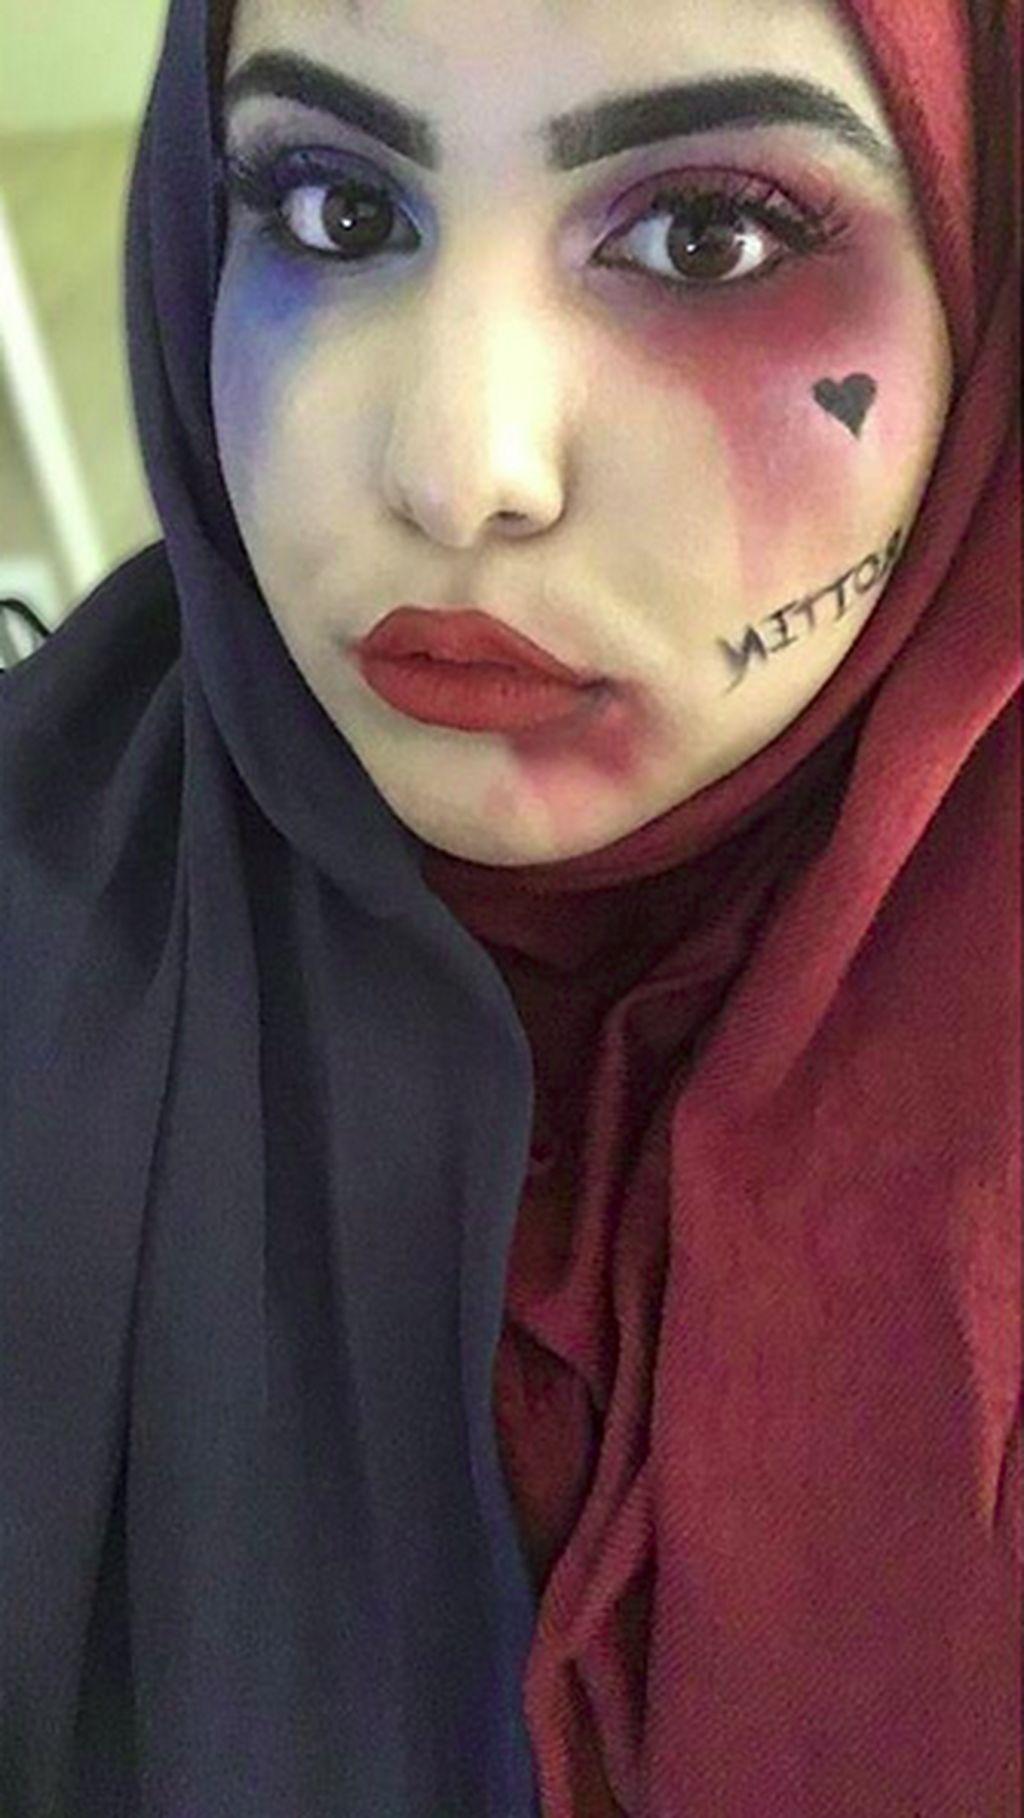 Bukan Harley Quinn, Hijabers dengan Makeup Halal-ey Quinn Jadi Viral